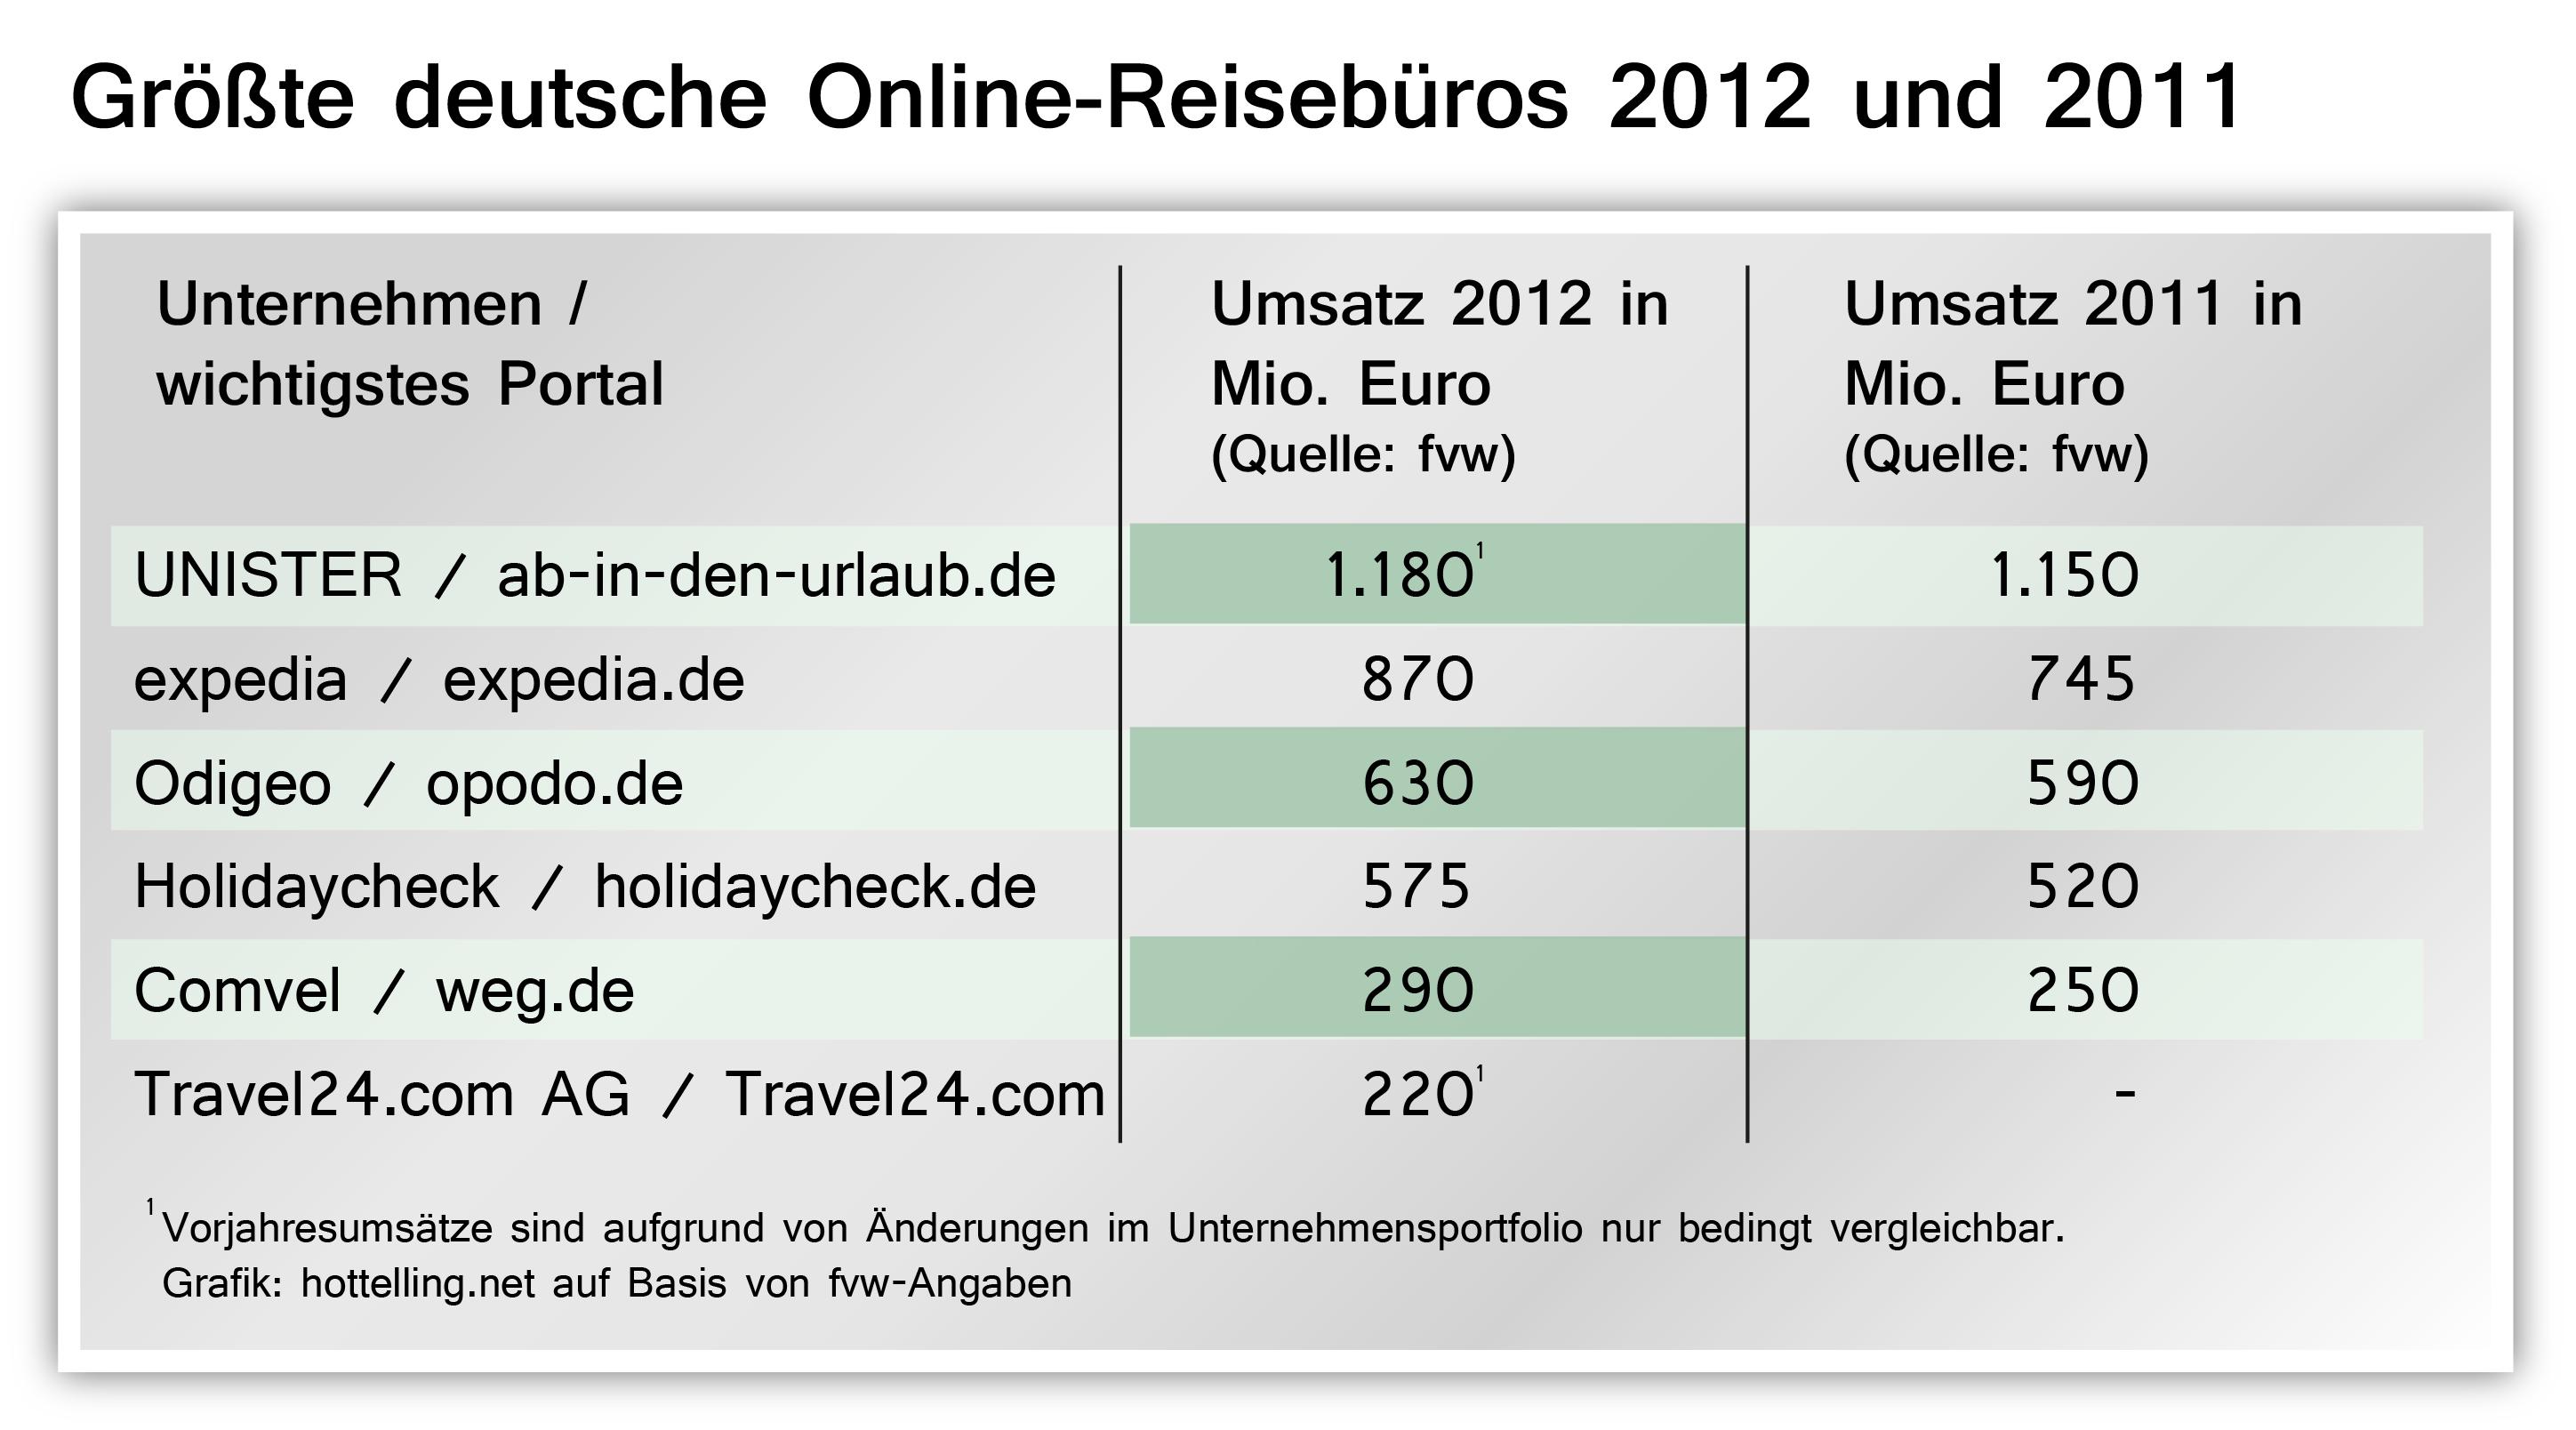 Größtes Reiseportal: ab-in-den-urlaub.de führt vor Expedia, Opodo und anderen